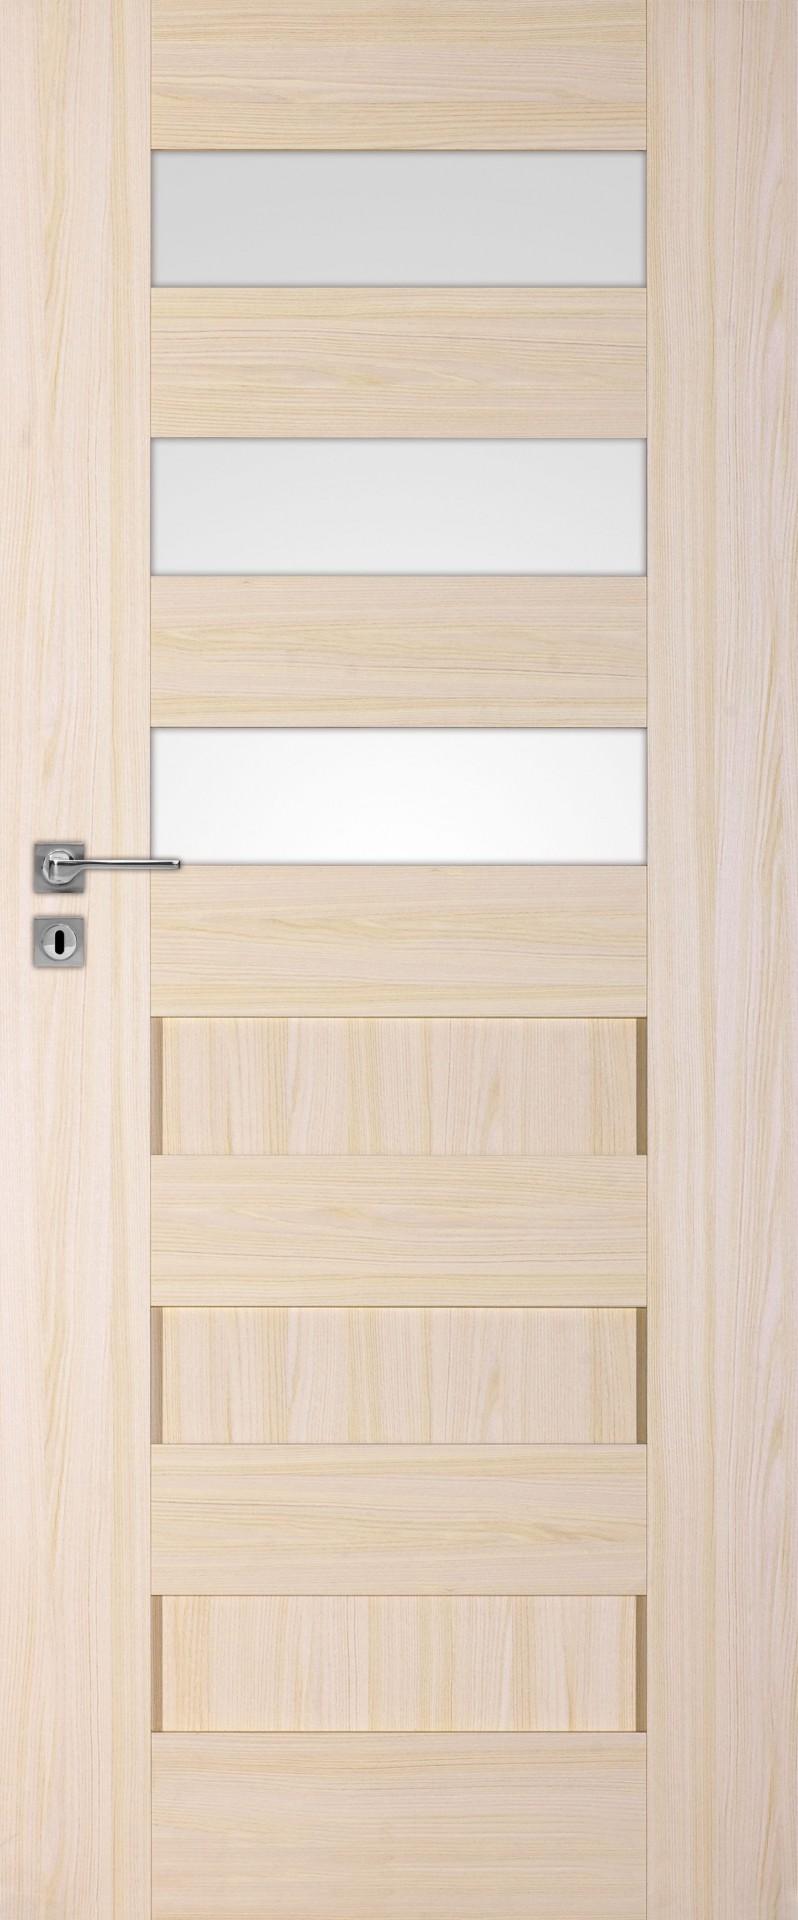 Dre dveře SCALA A3, Šíře v cm 60